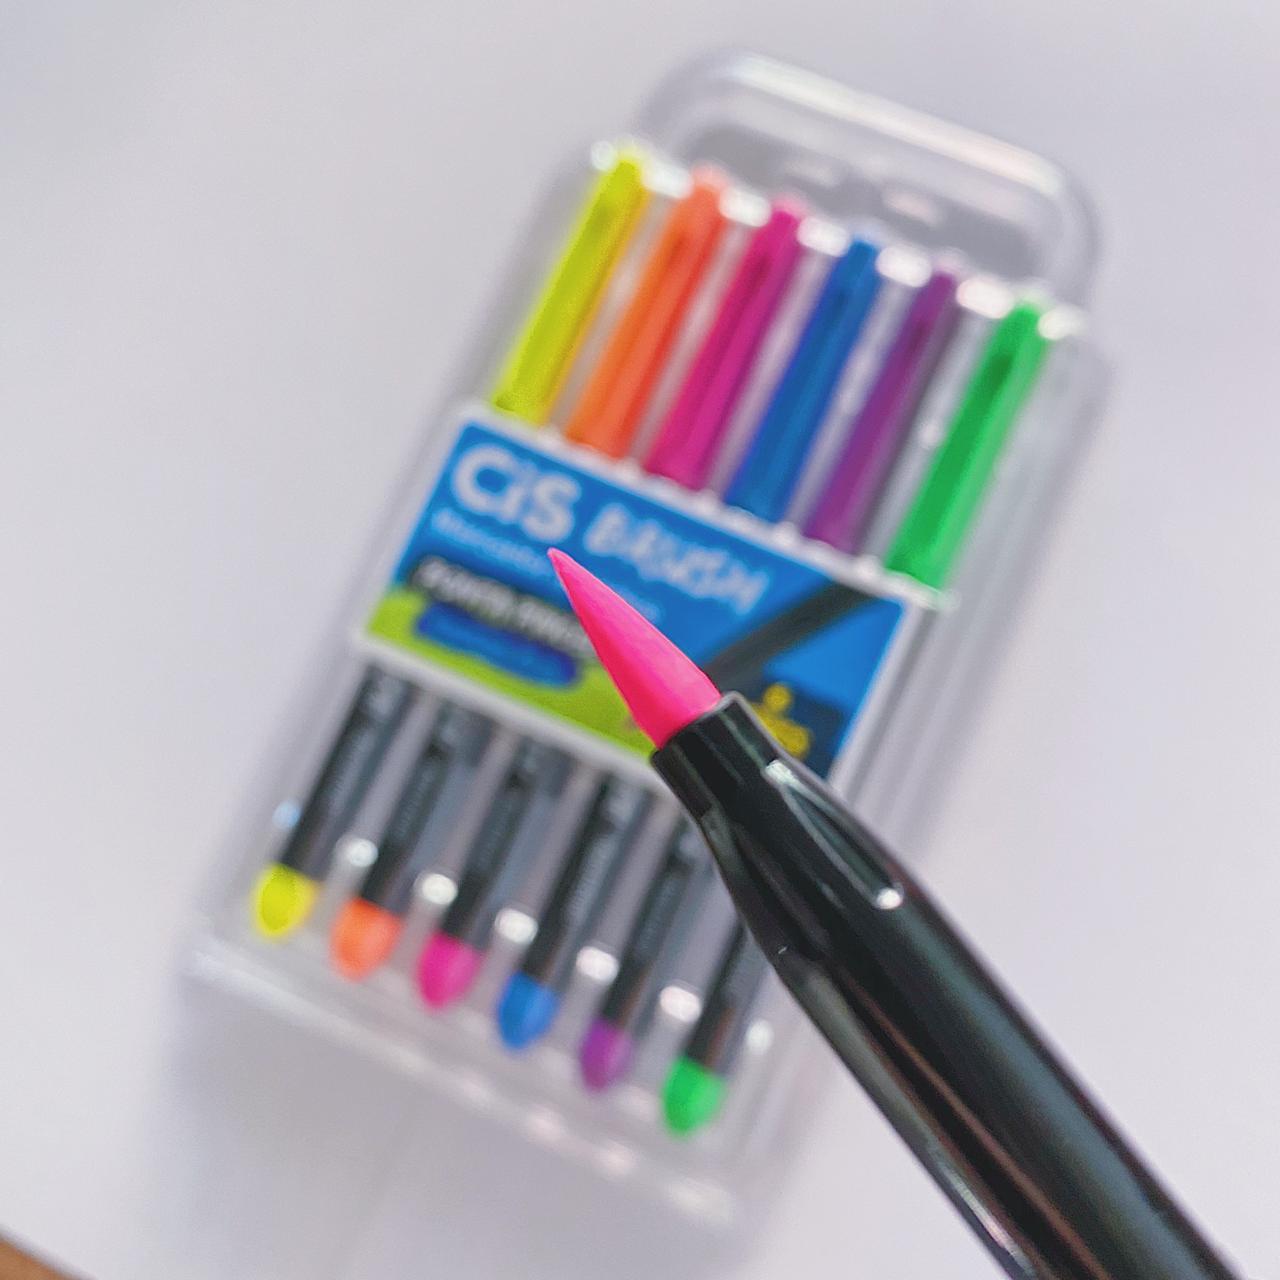 Brush Pen Cis - Kit com 6